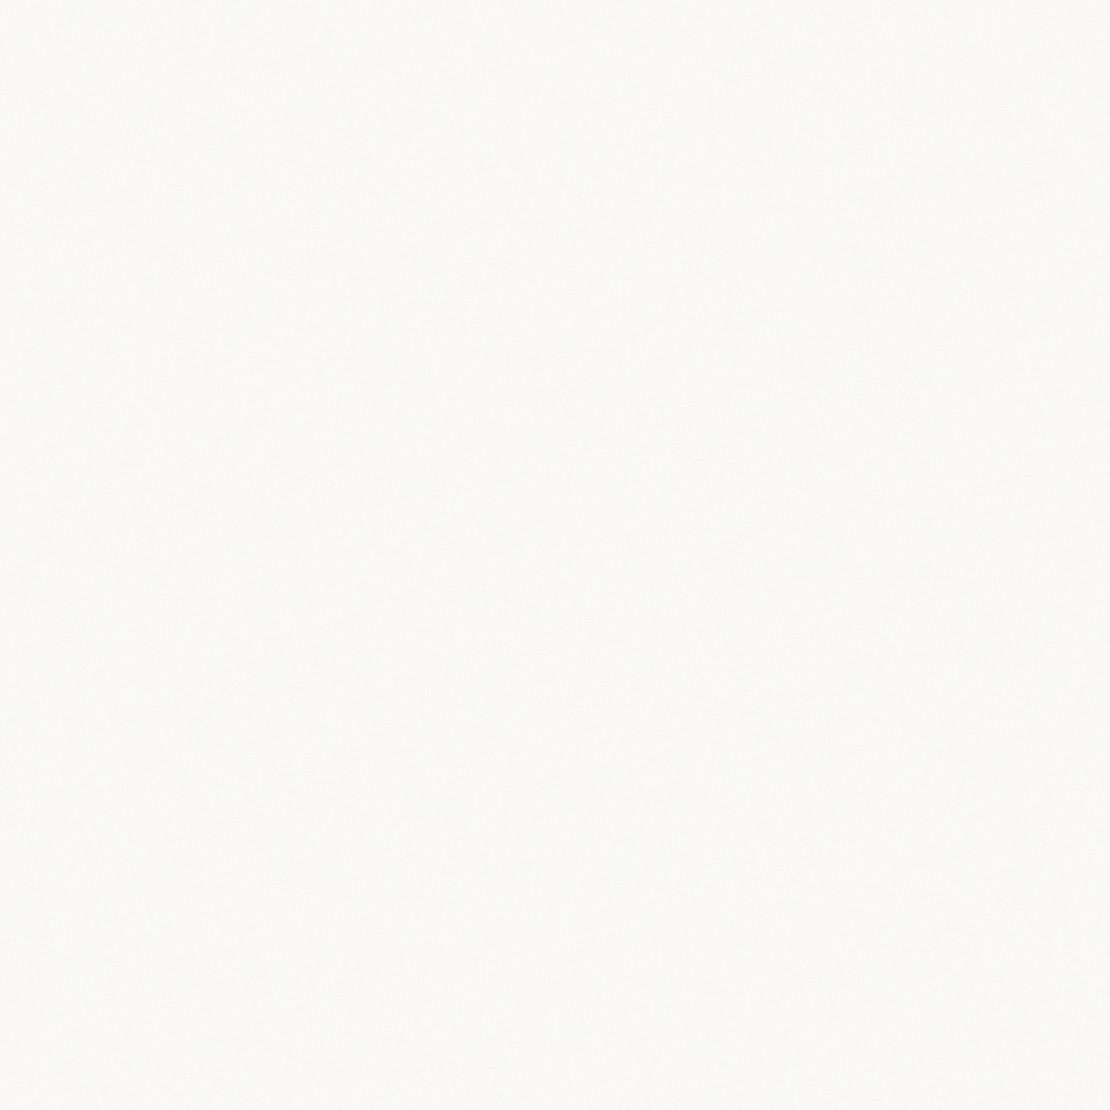 Blad Dekton Uyuni (matt)